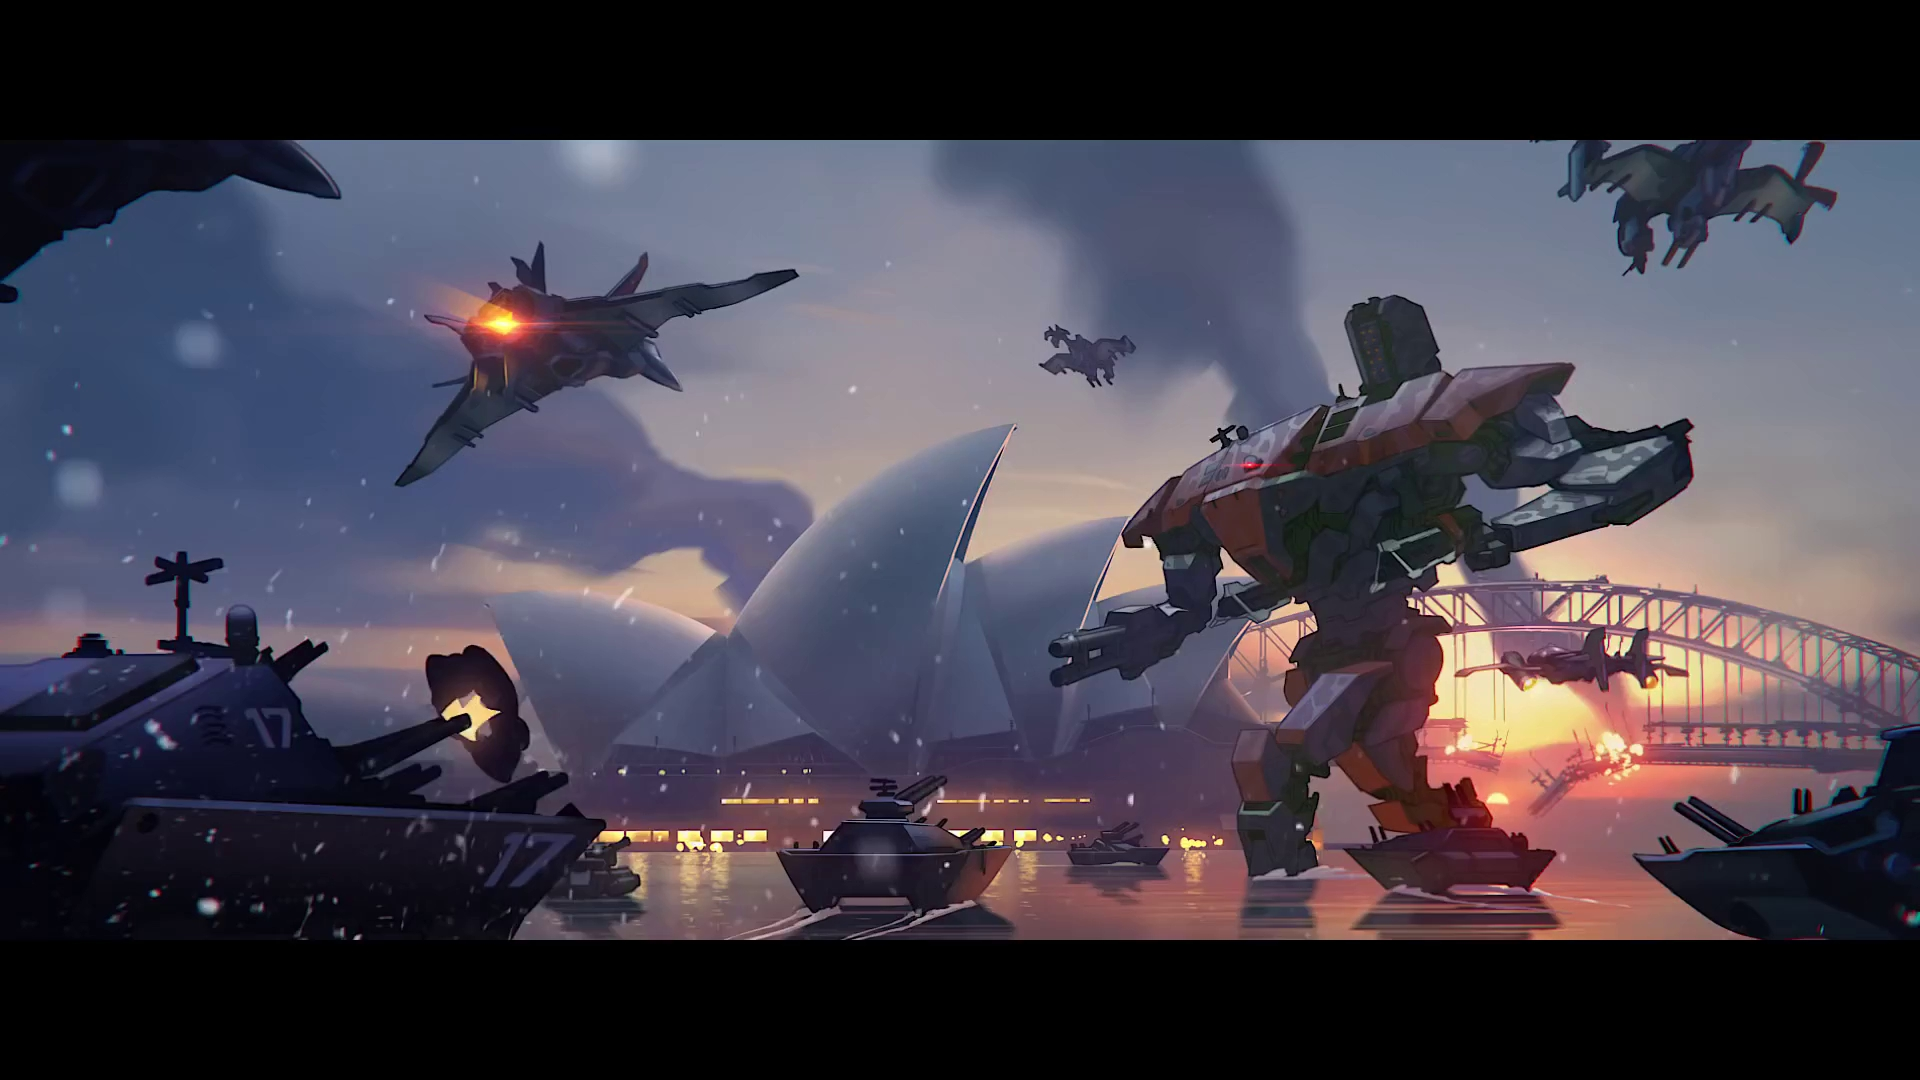 [Bí ẩn Overwatch] Phần 1: Trò chơi hay nhất 2016 thực chất là tàn dư của một dự án game đã chết